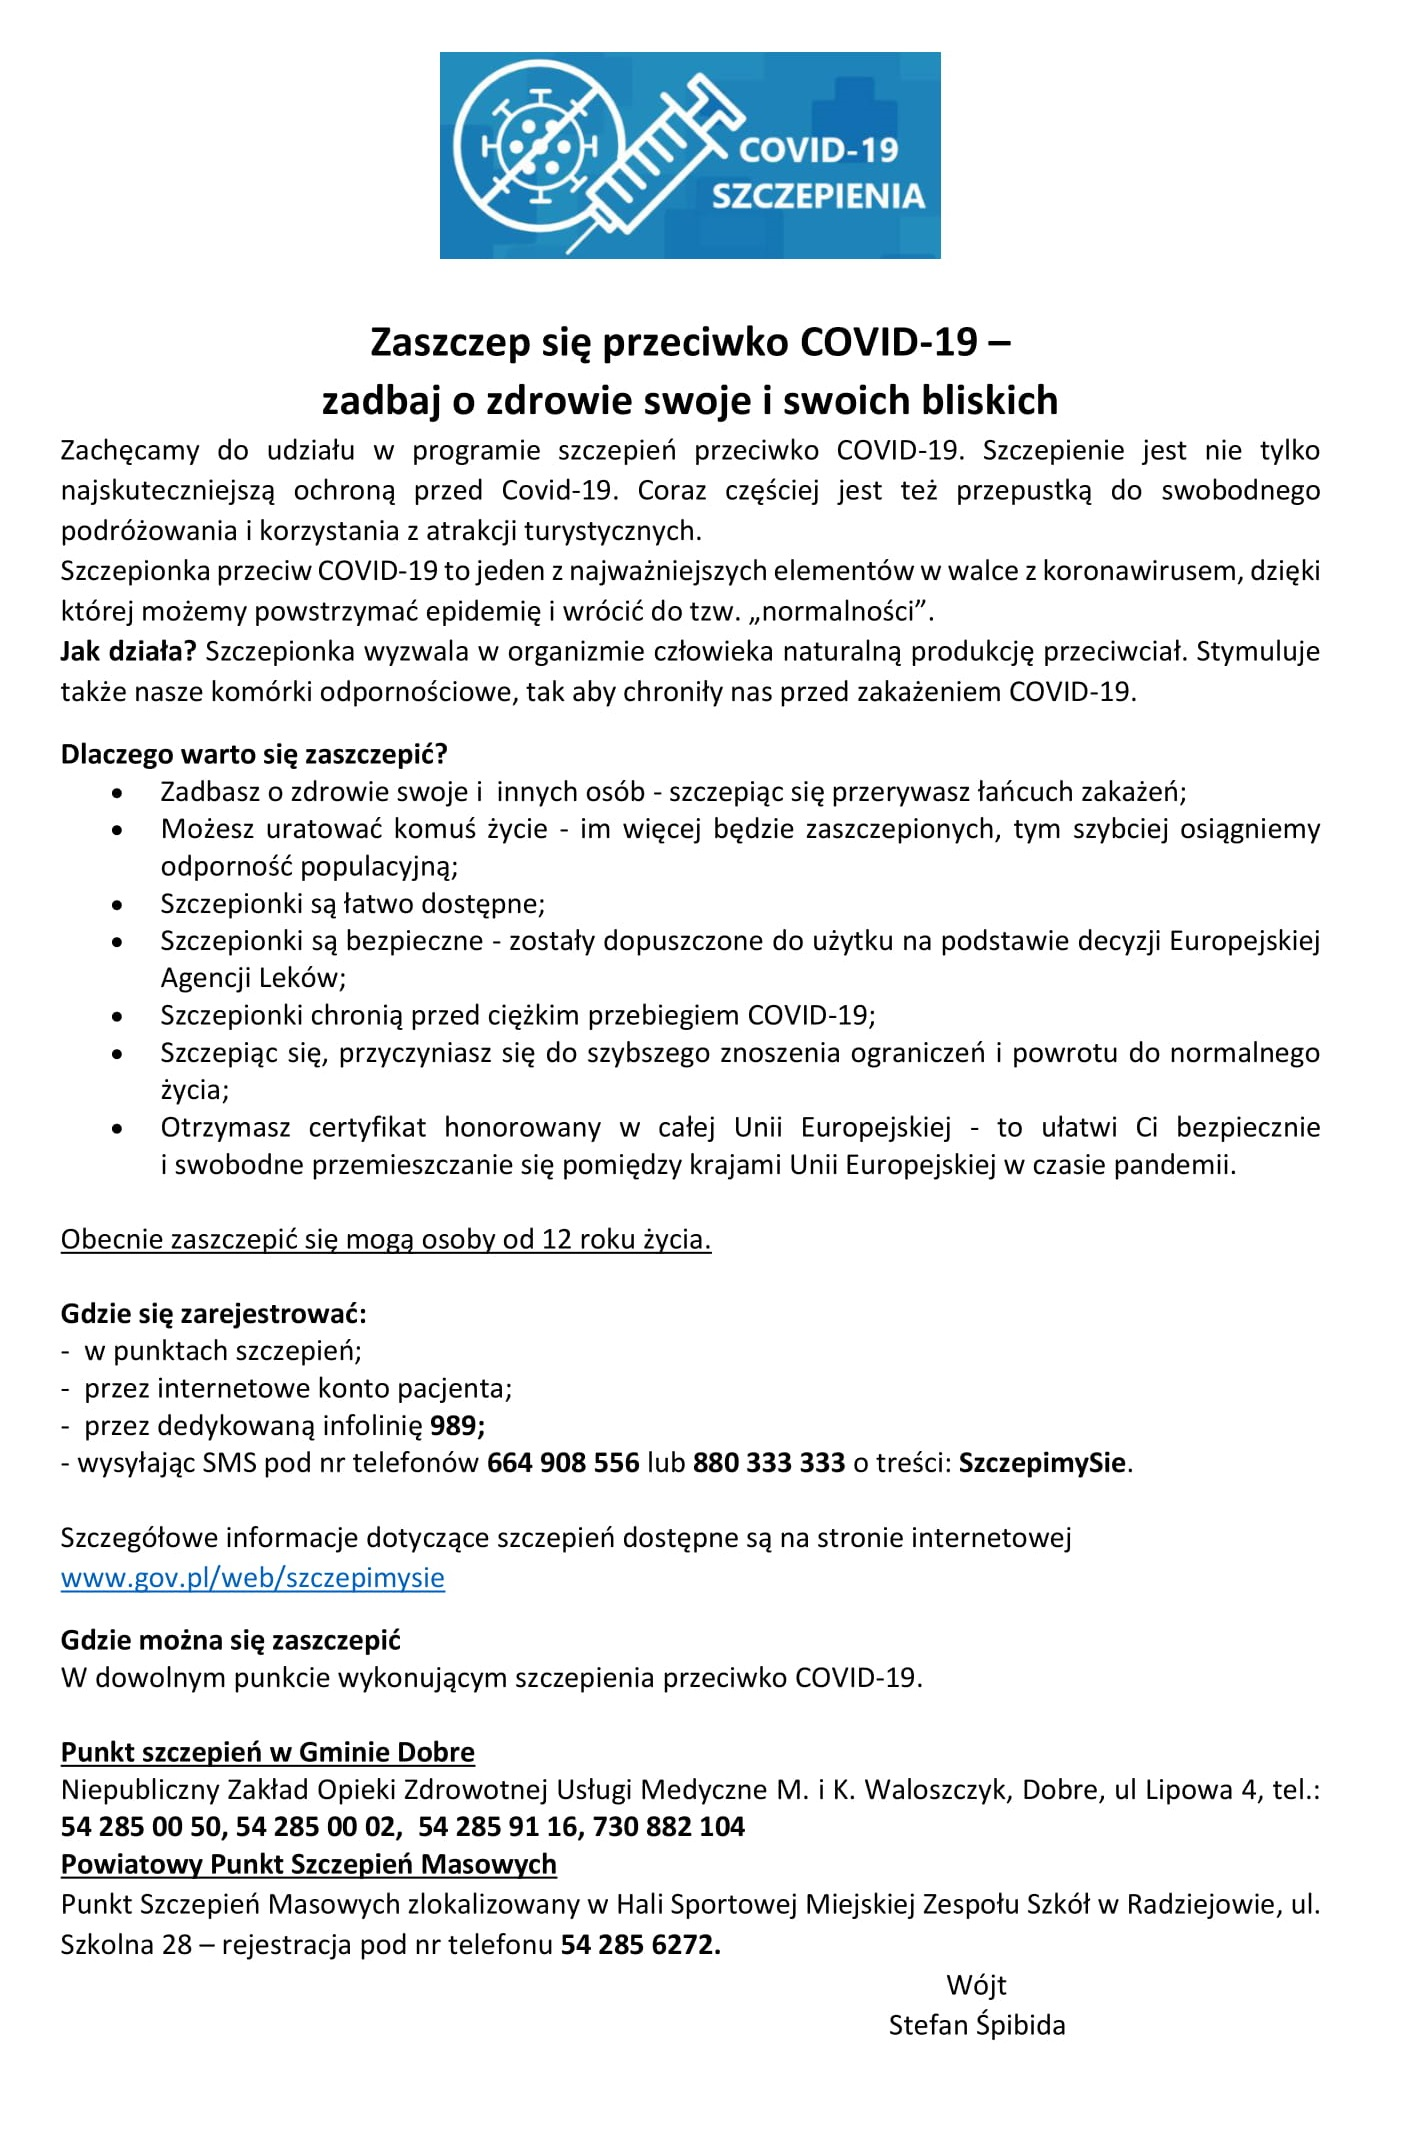 Informacja szczepienia-1.jpg (602 KB)